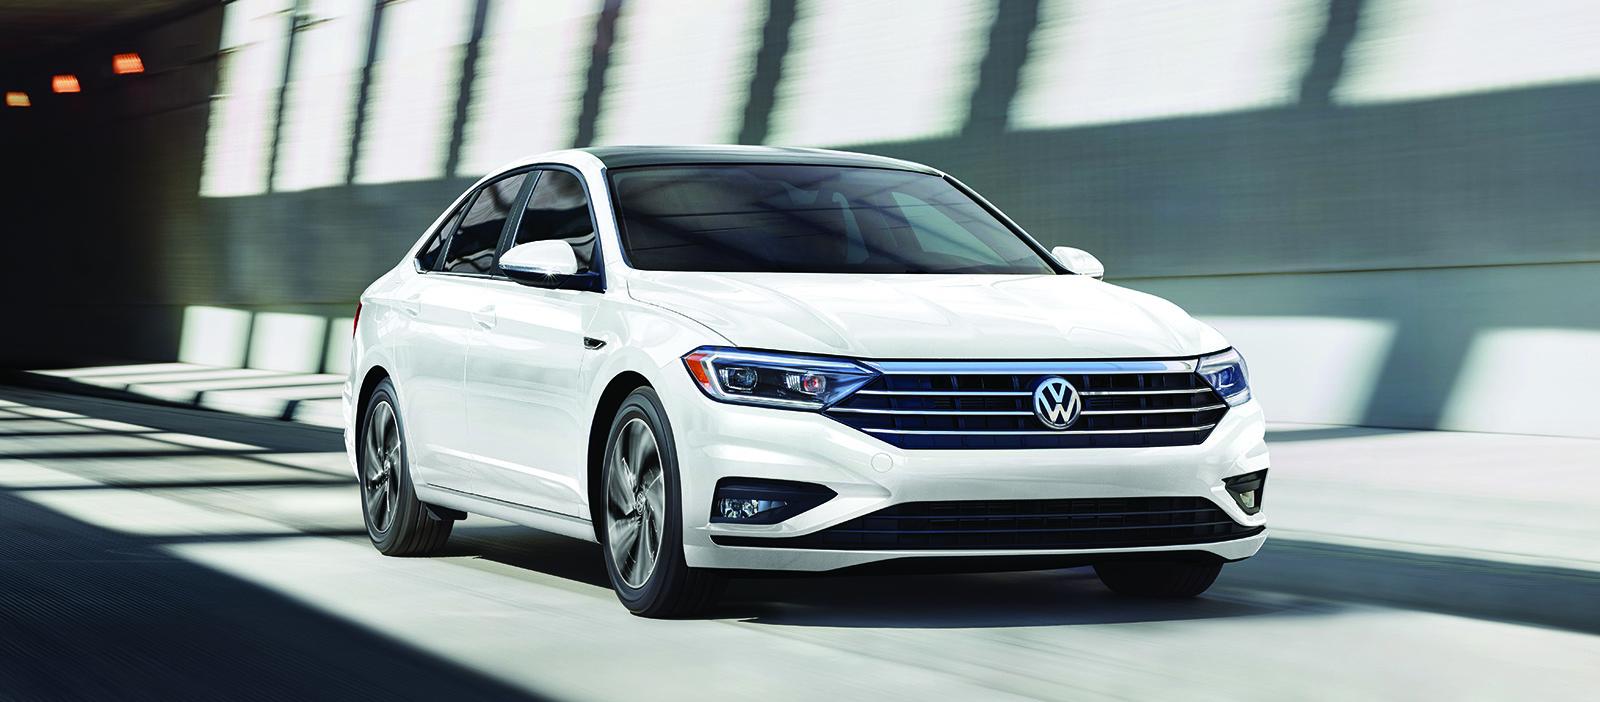 2020 Volkswagen Jetta Leasing near Arlington, VA